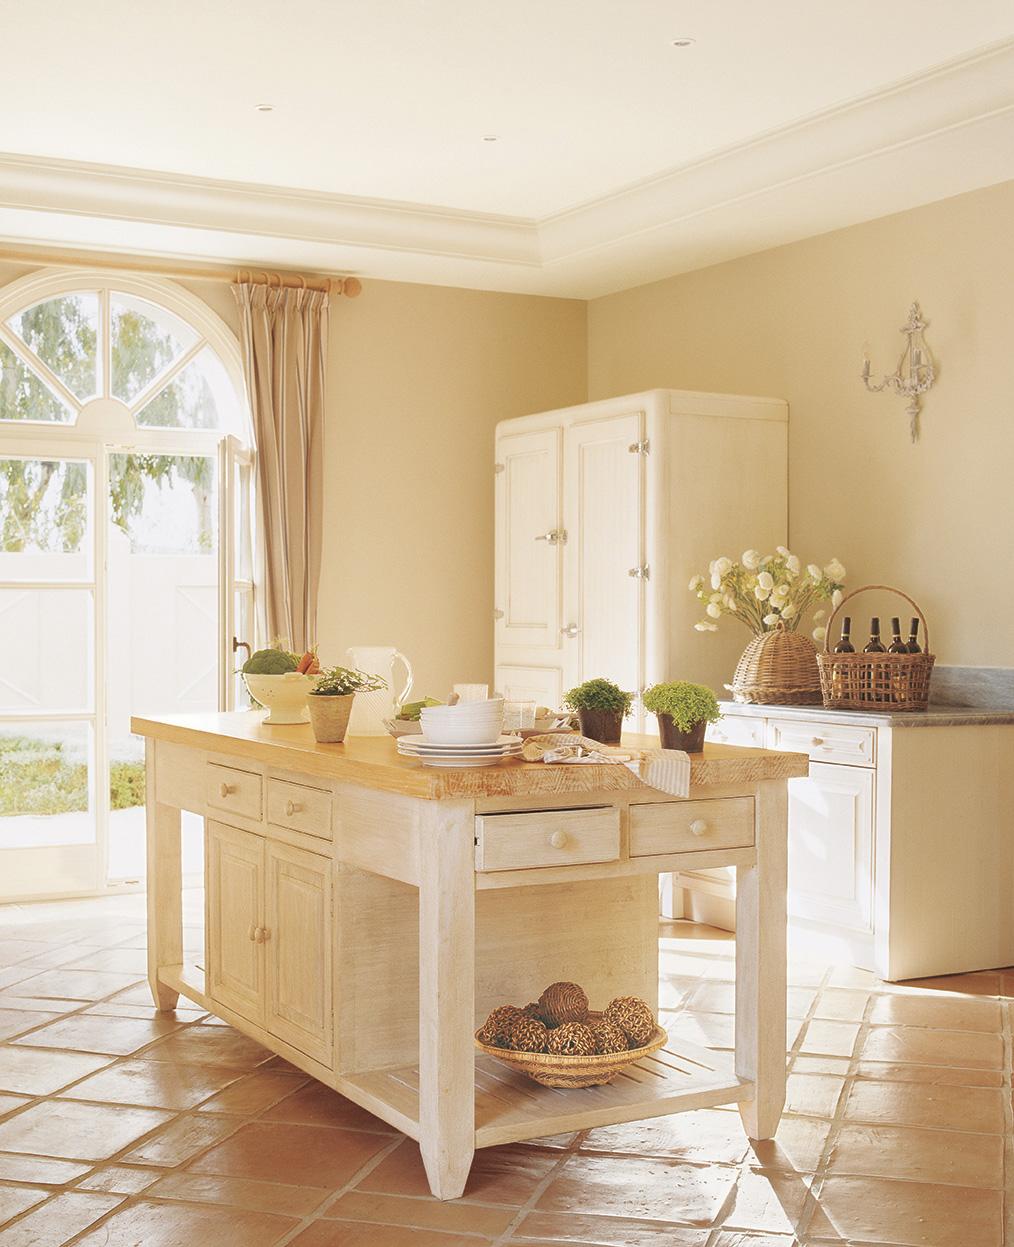 00161231. Mueble de madera en blanco con encimera de madera sirve de isla para la cocina_00161231